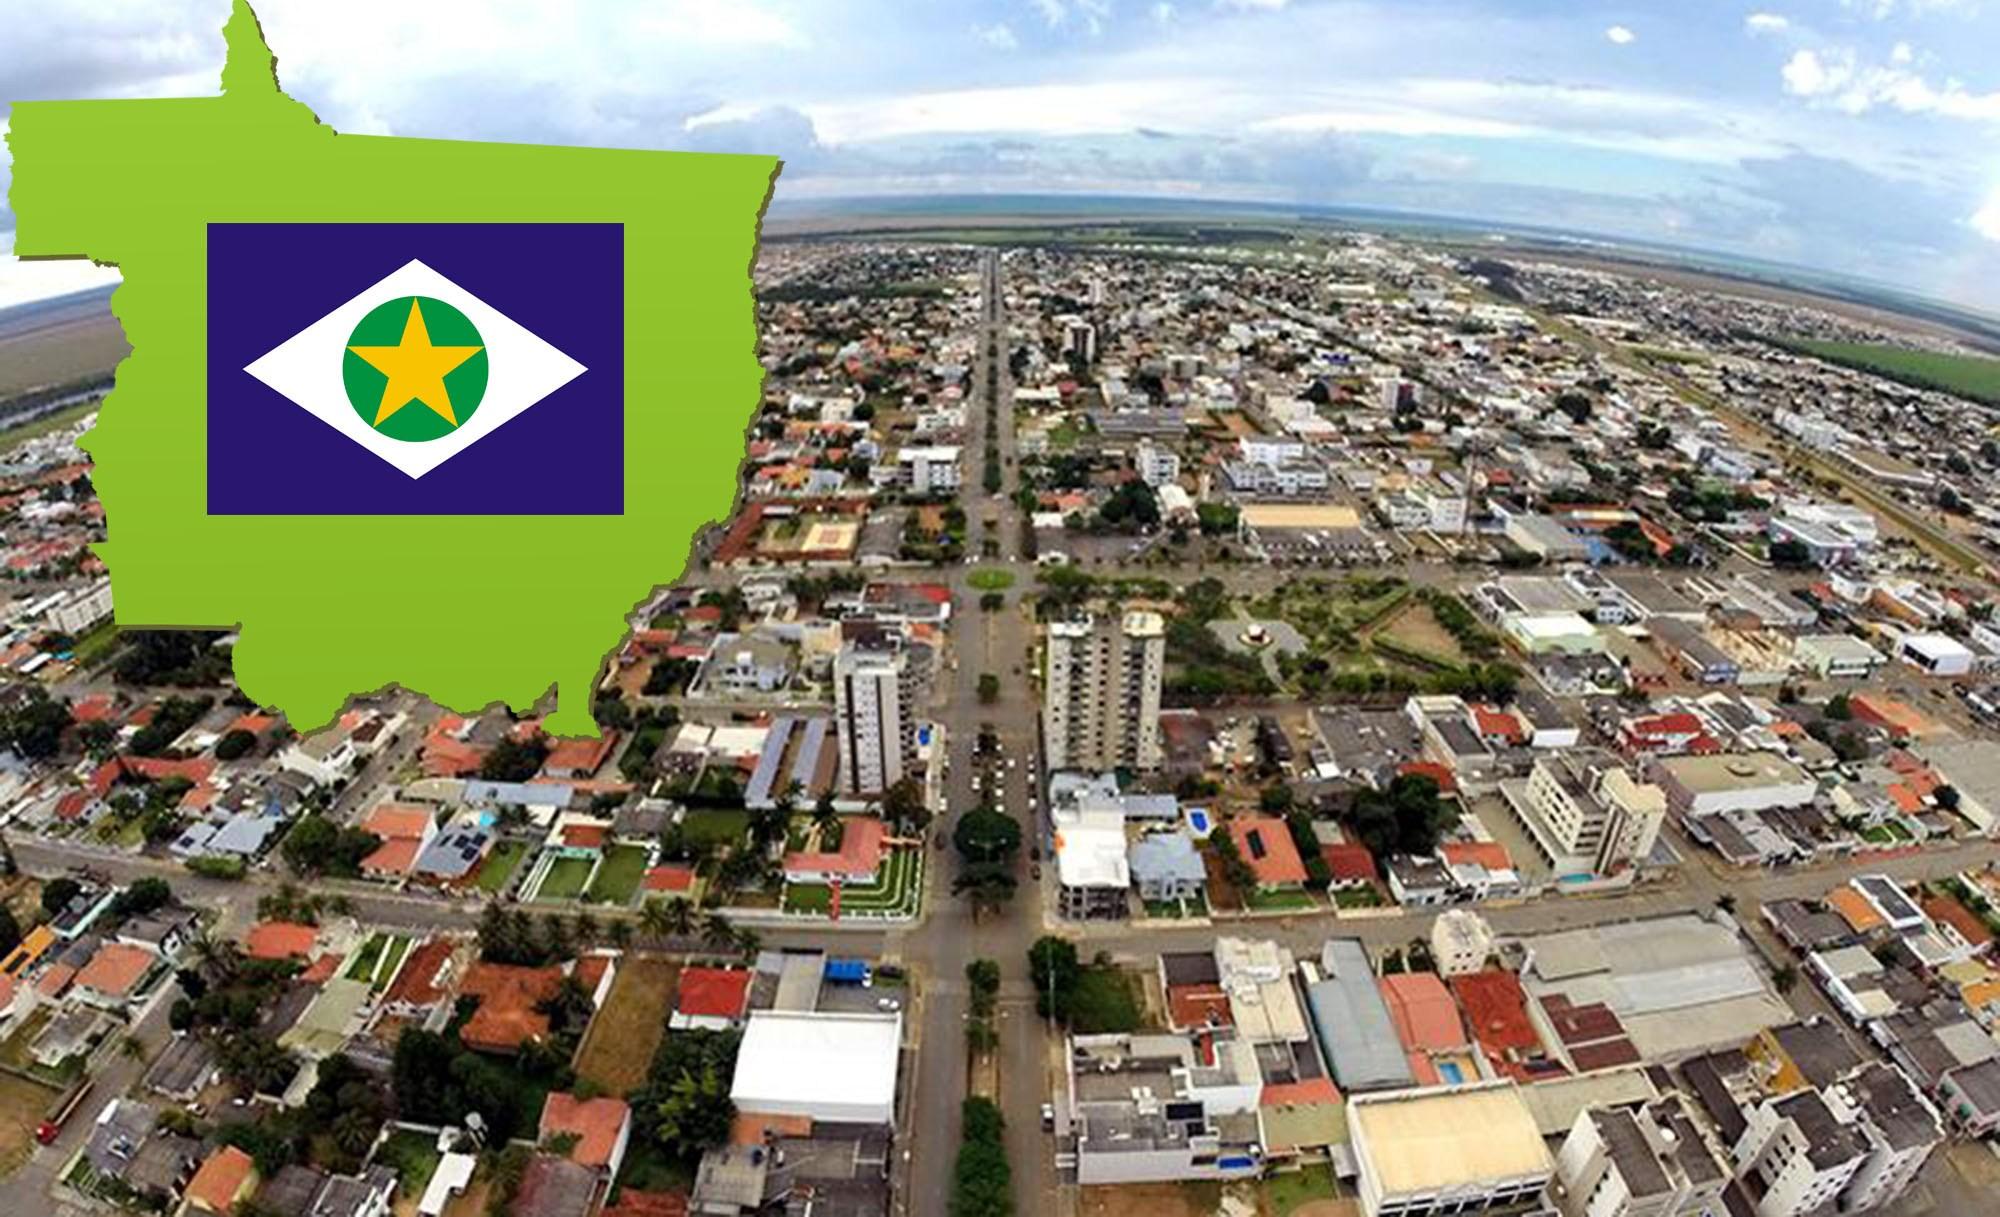 Administrada pelo prefeito �rico Piana, o número de eleitores de Primavera do Leste evoluiu 72%.                                                                       - Foto: Divulgação